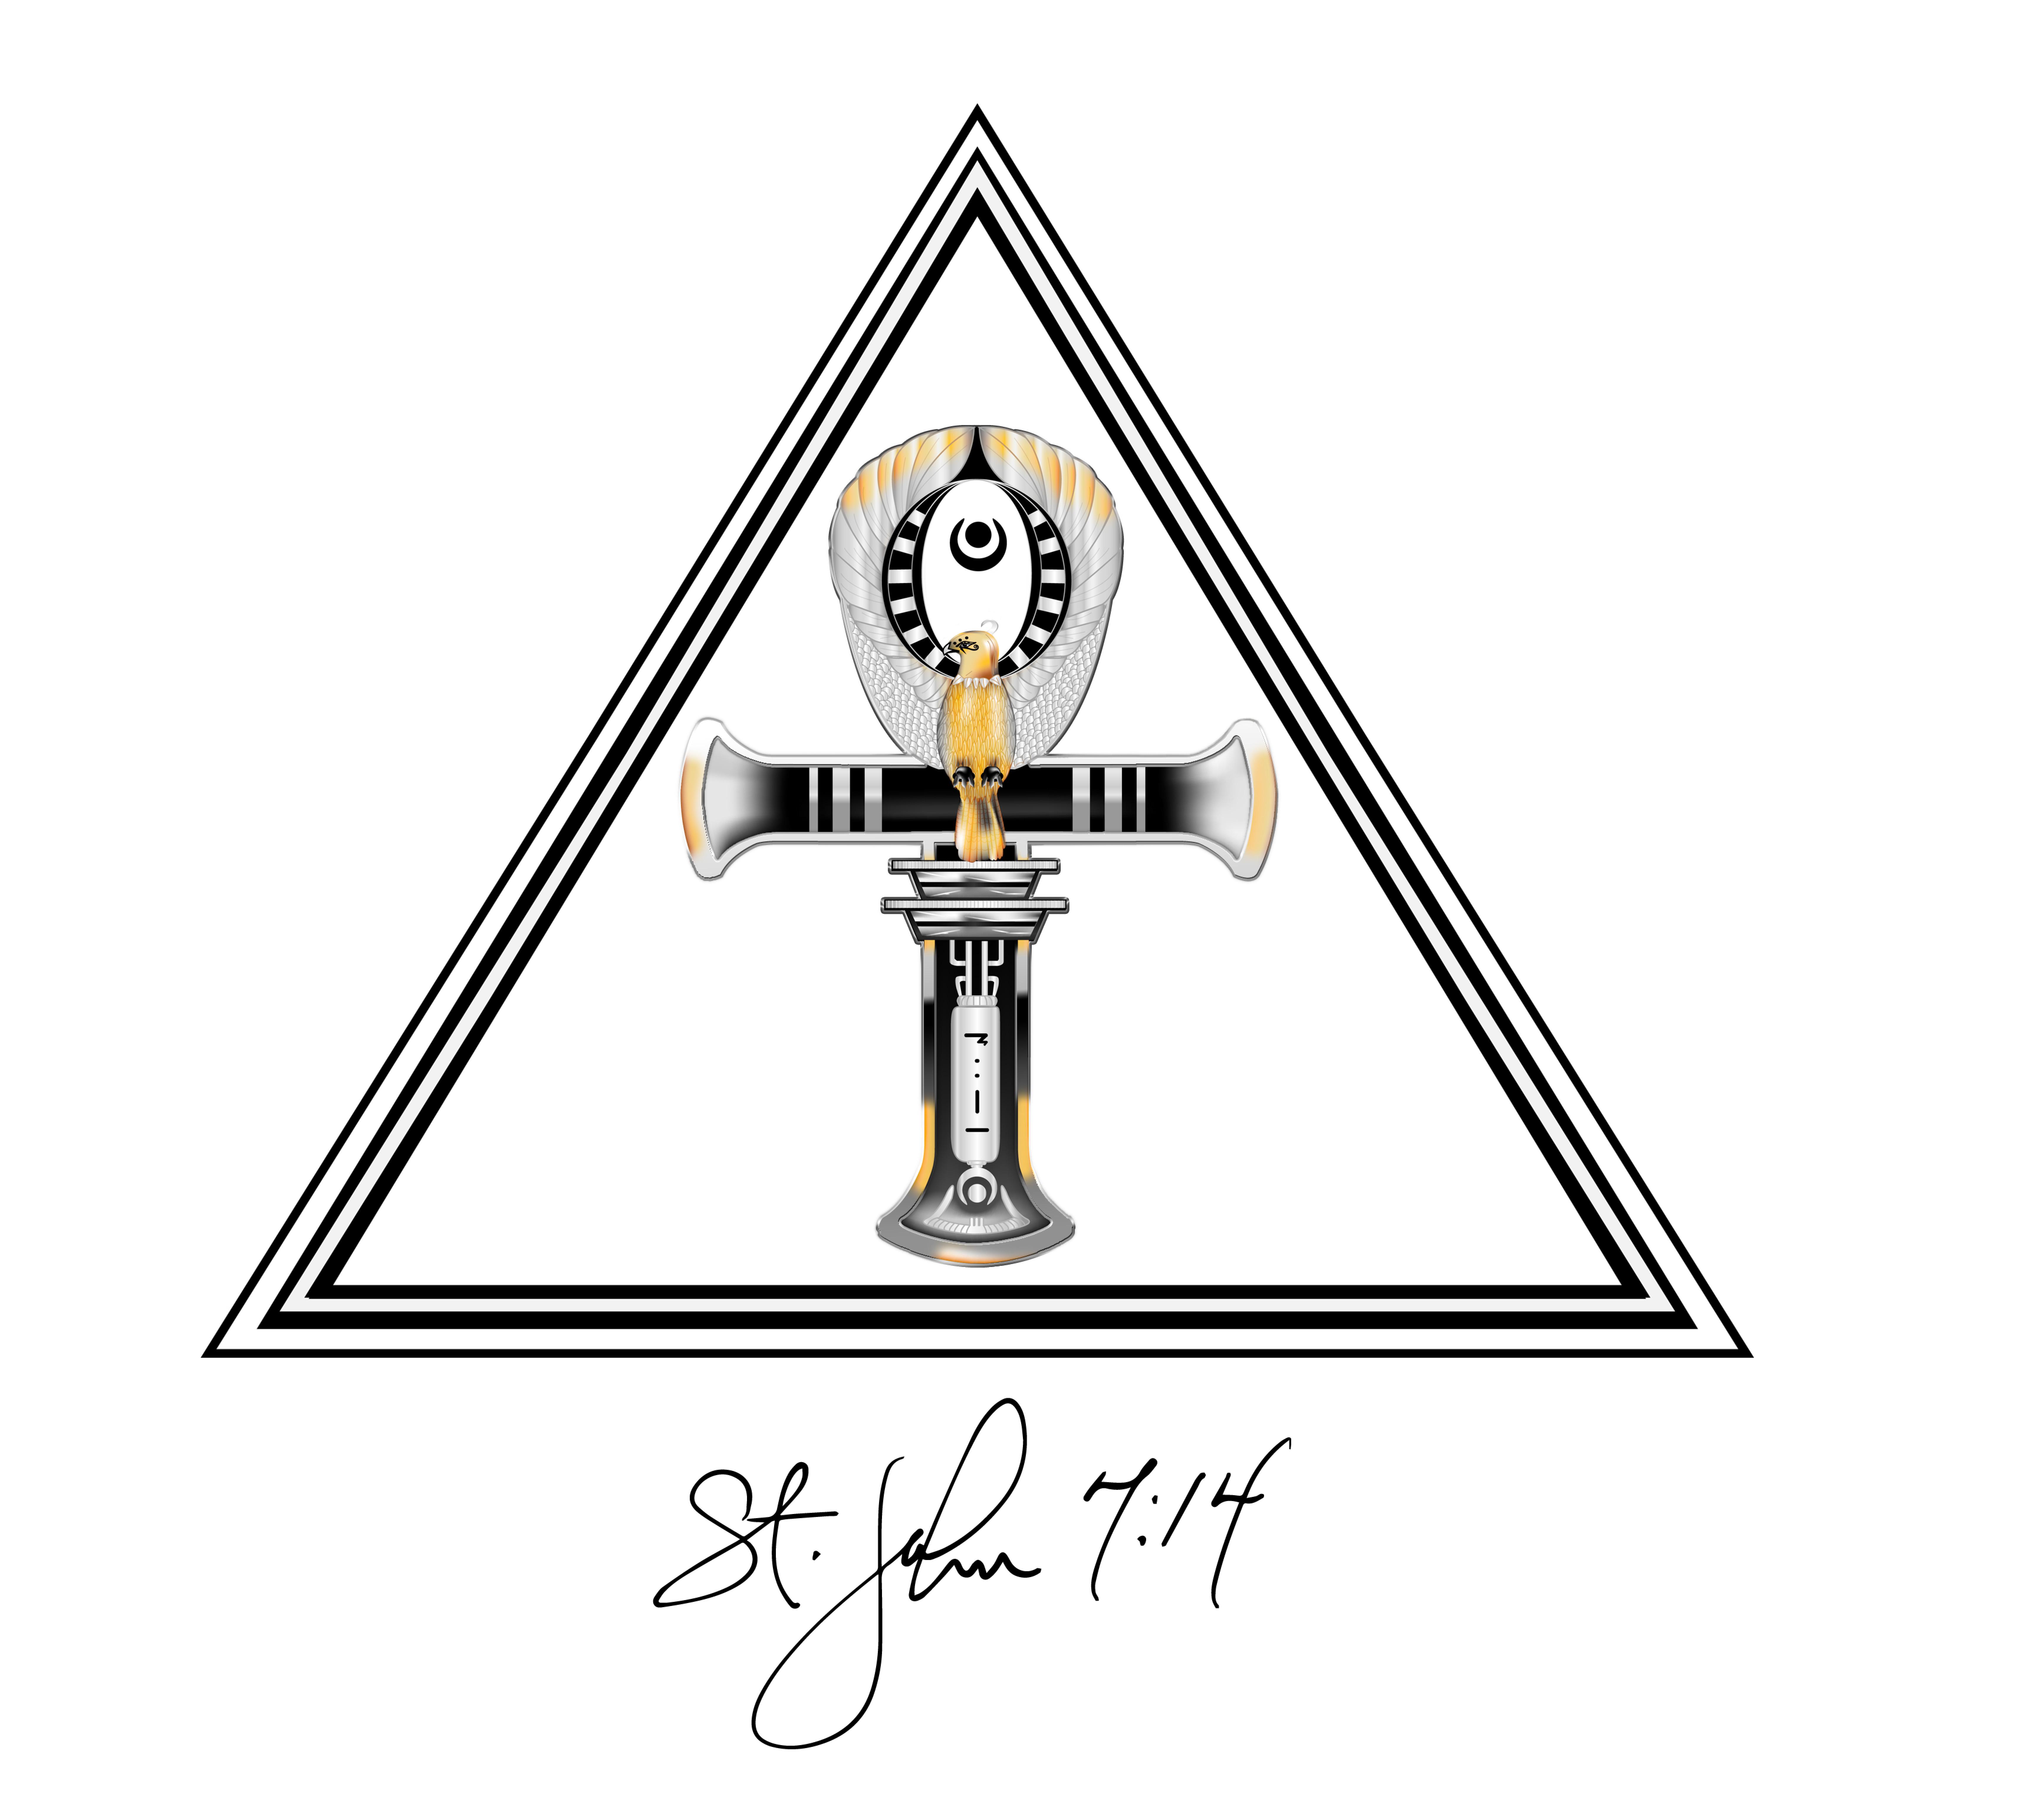 STJohn_logo_Final-3.jpg